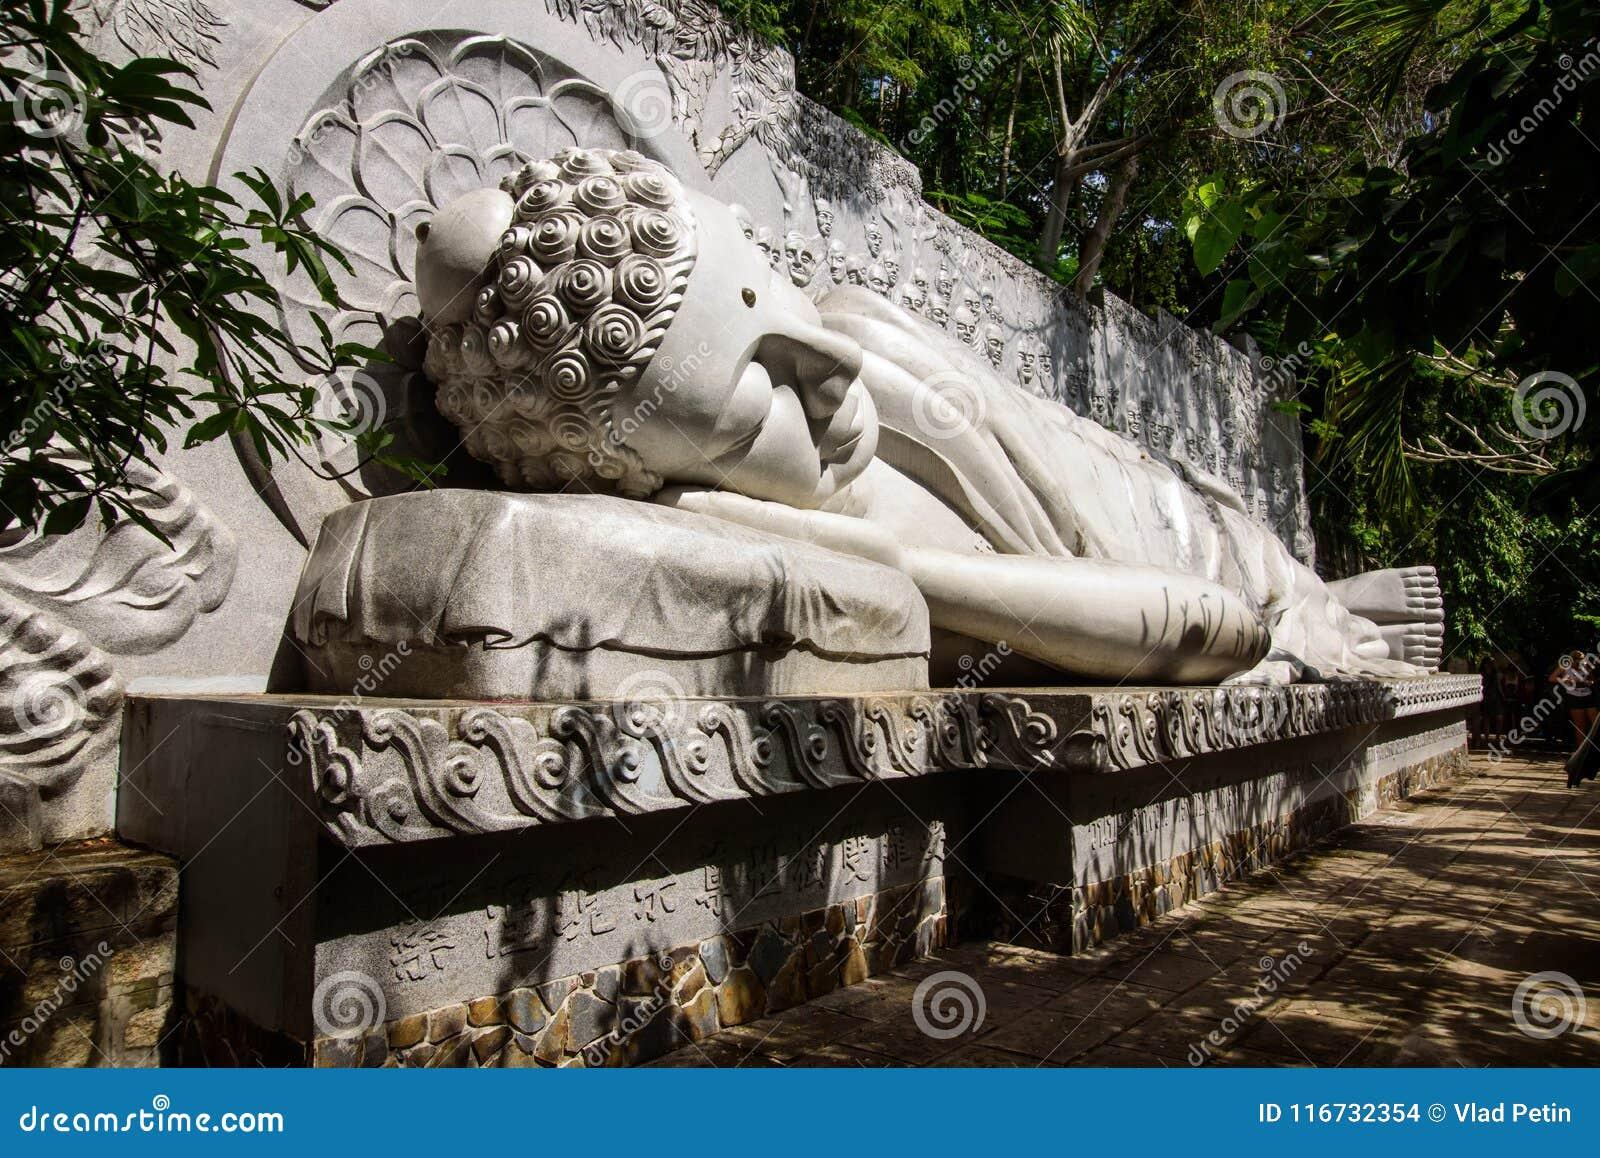 Sleeping Buddha at the Long Son Pagoda